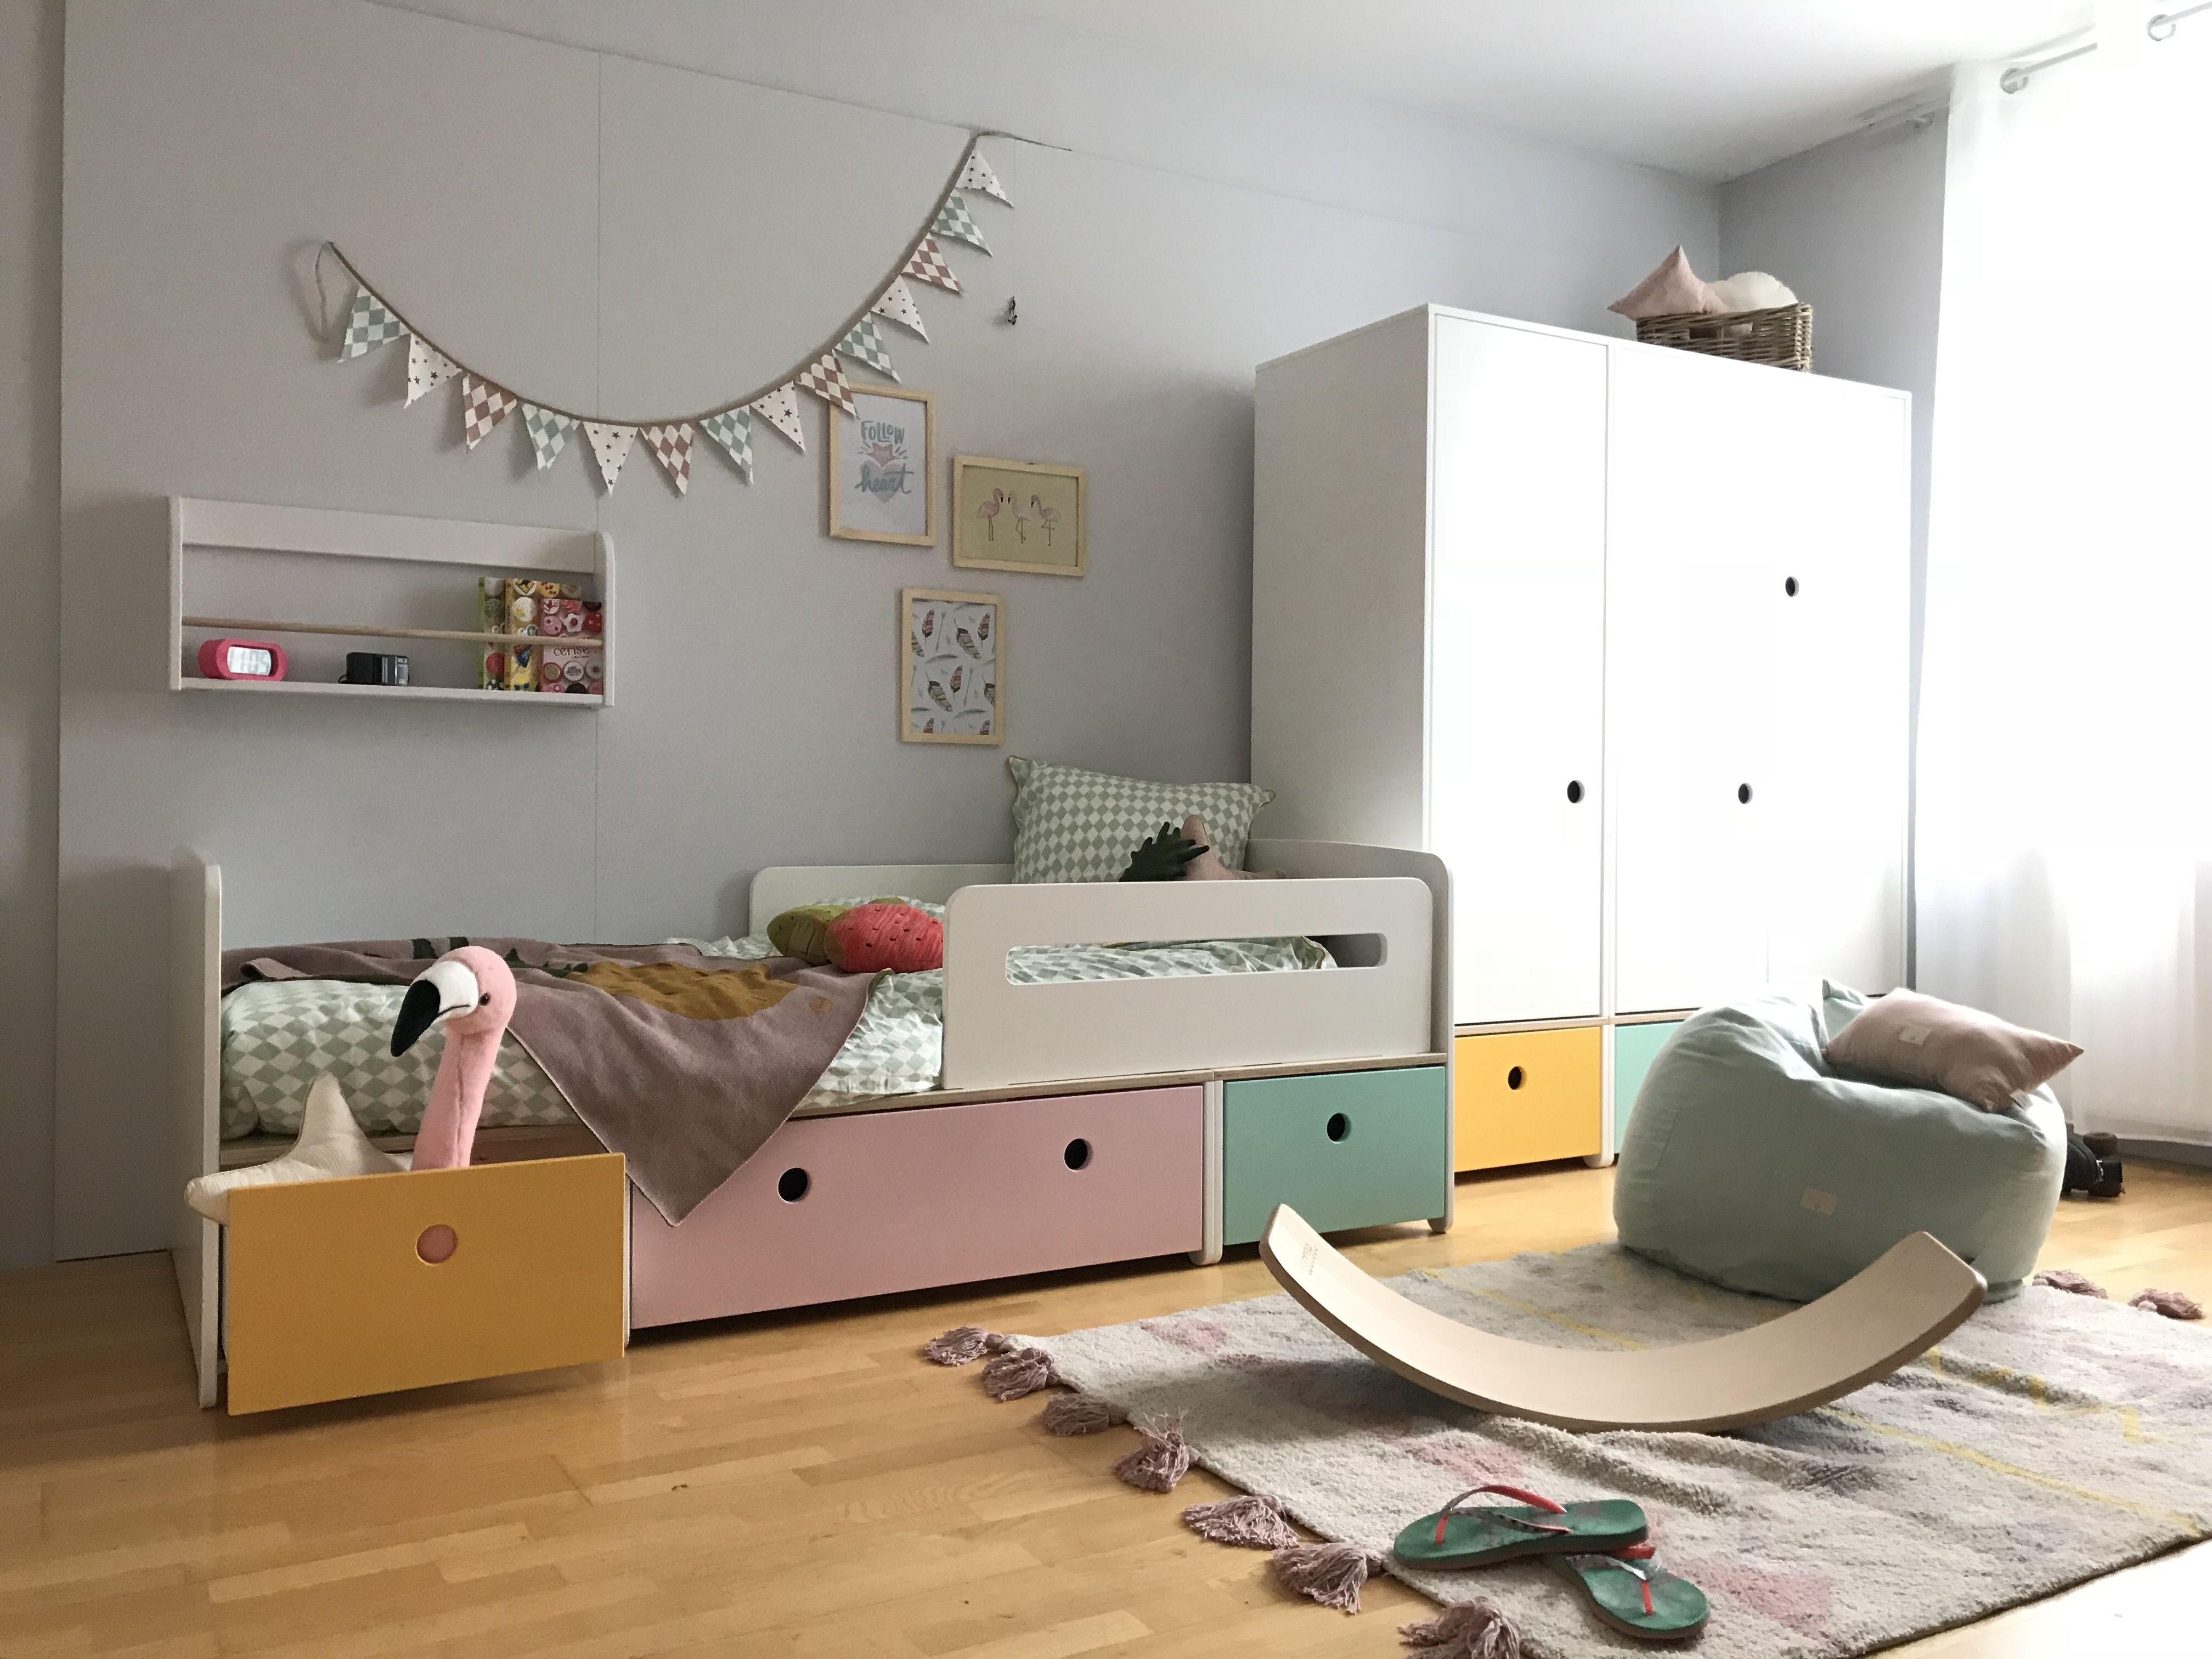 Chambre Enfant Colorflex By A K Litdenfant Chambreenfant Meubleenfant Chambrefille Kids Kidsinterio Idee Chambre Enfant Chambre Enfant Mobilier Enfant